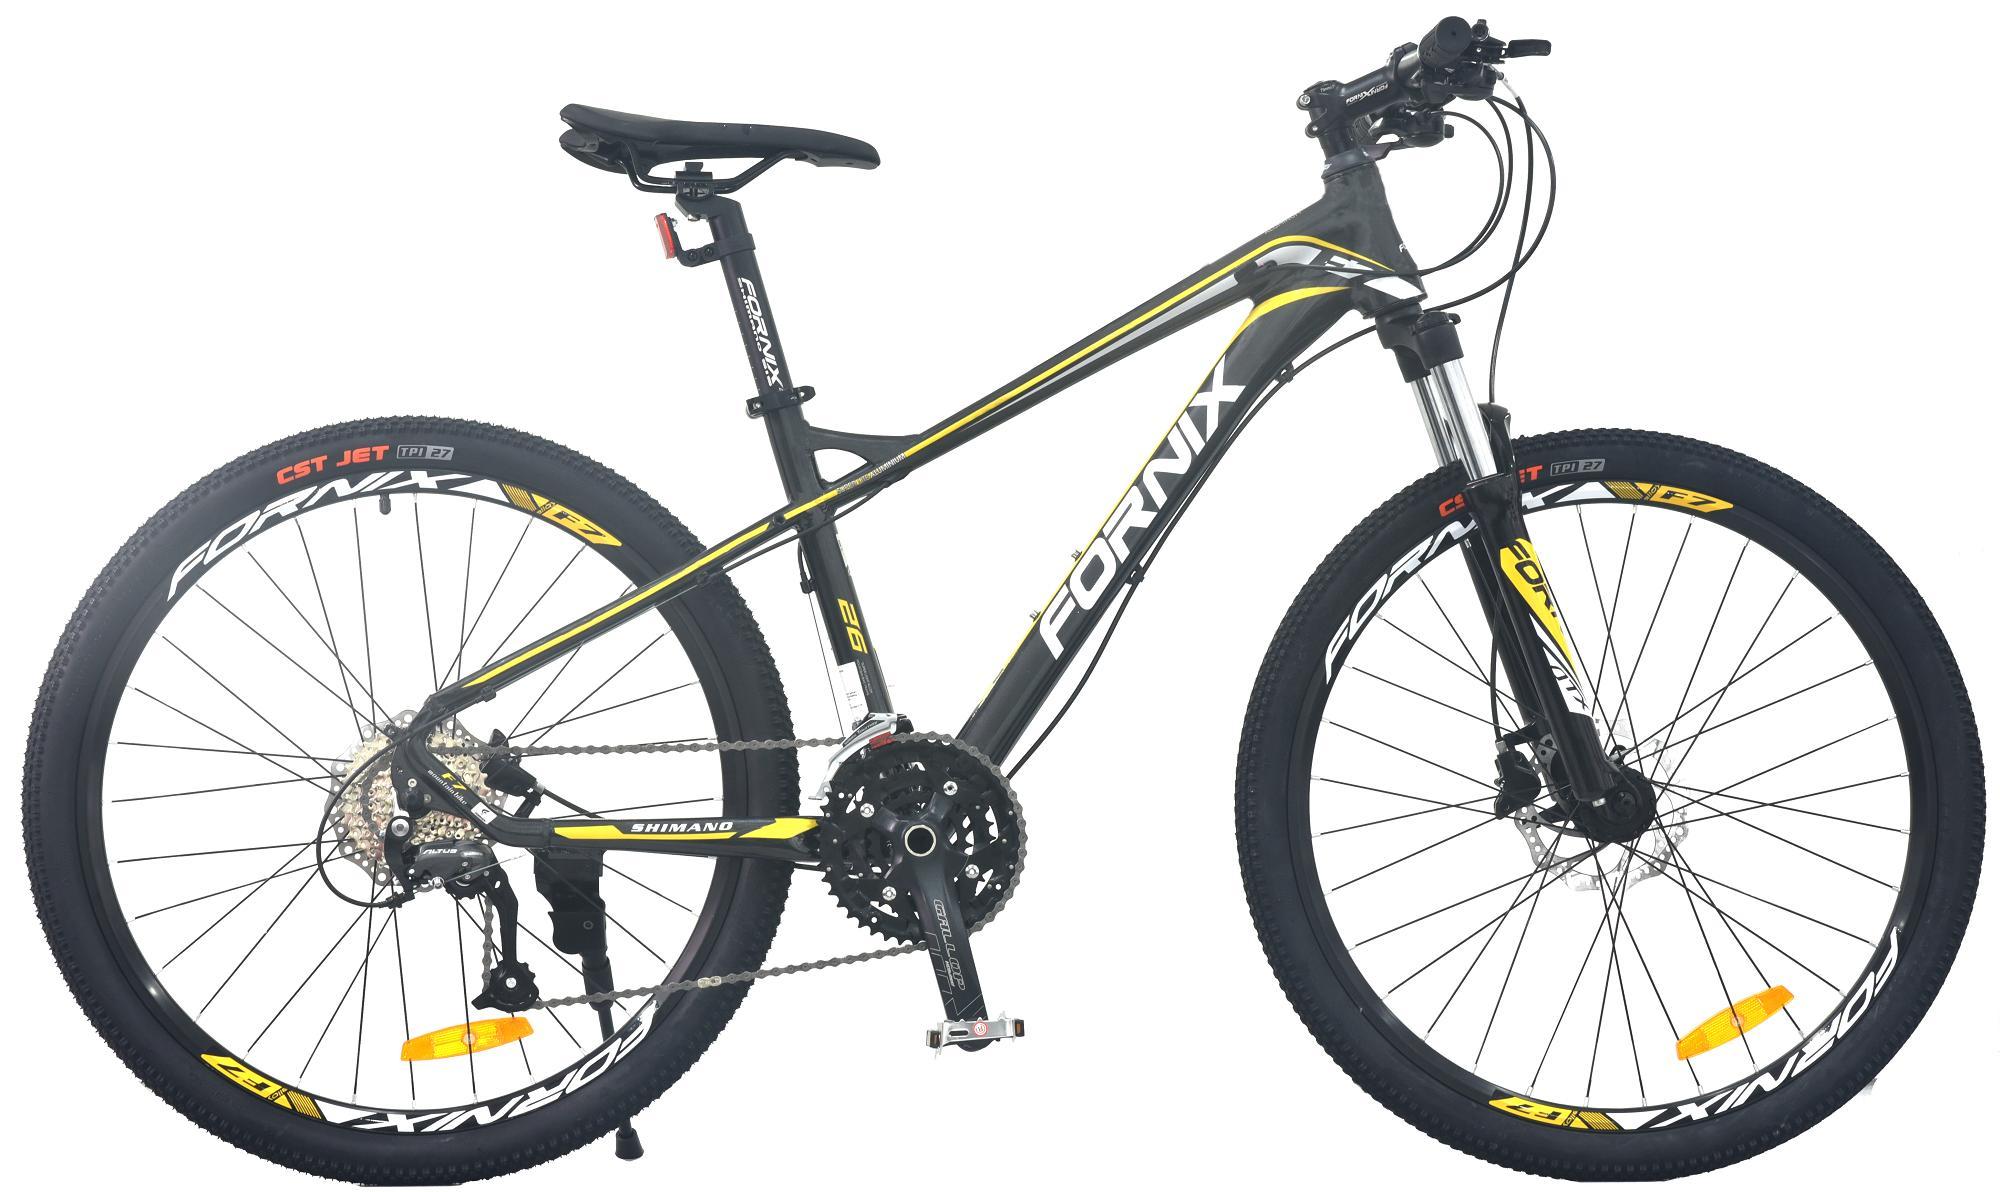 Mua Xe đạp địa hình thể thao Fornix F7